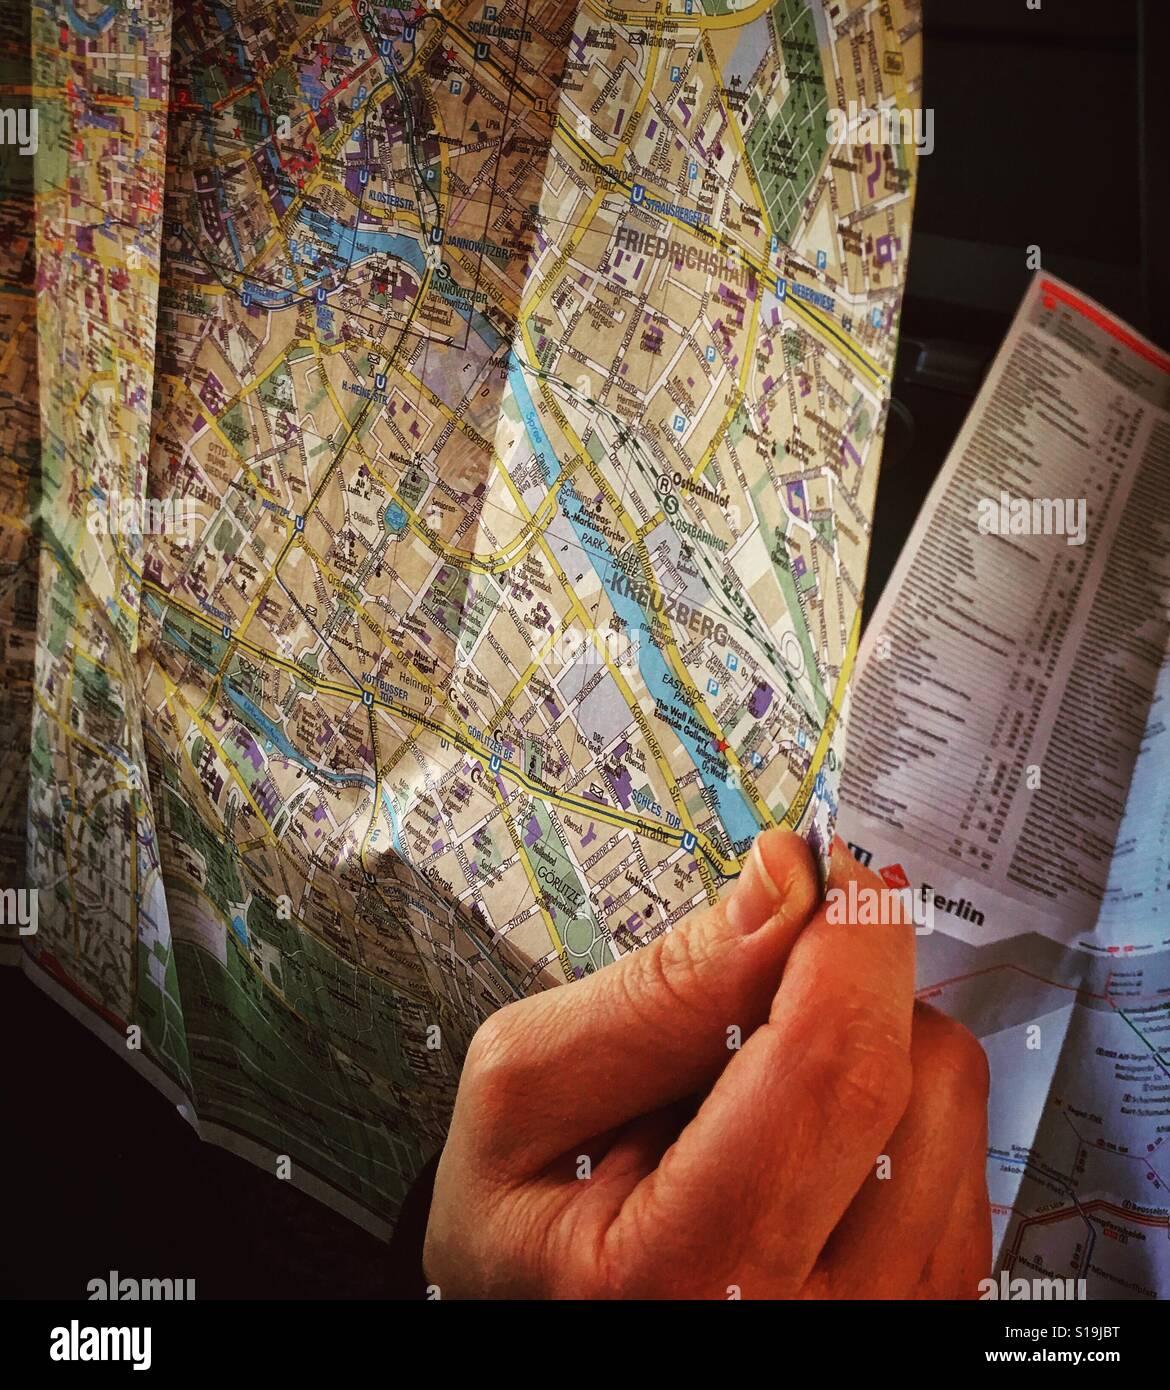 Una mano sujetando un mapa de la ciudad de Berlín, Alemania, Europa Foto de stock